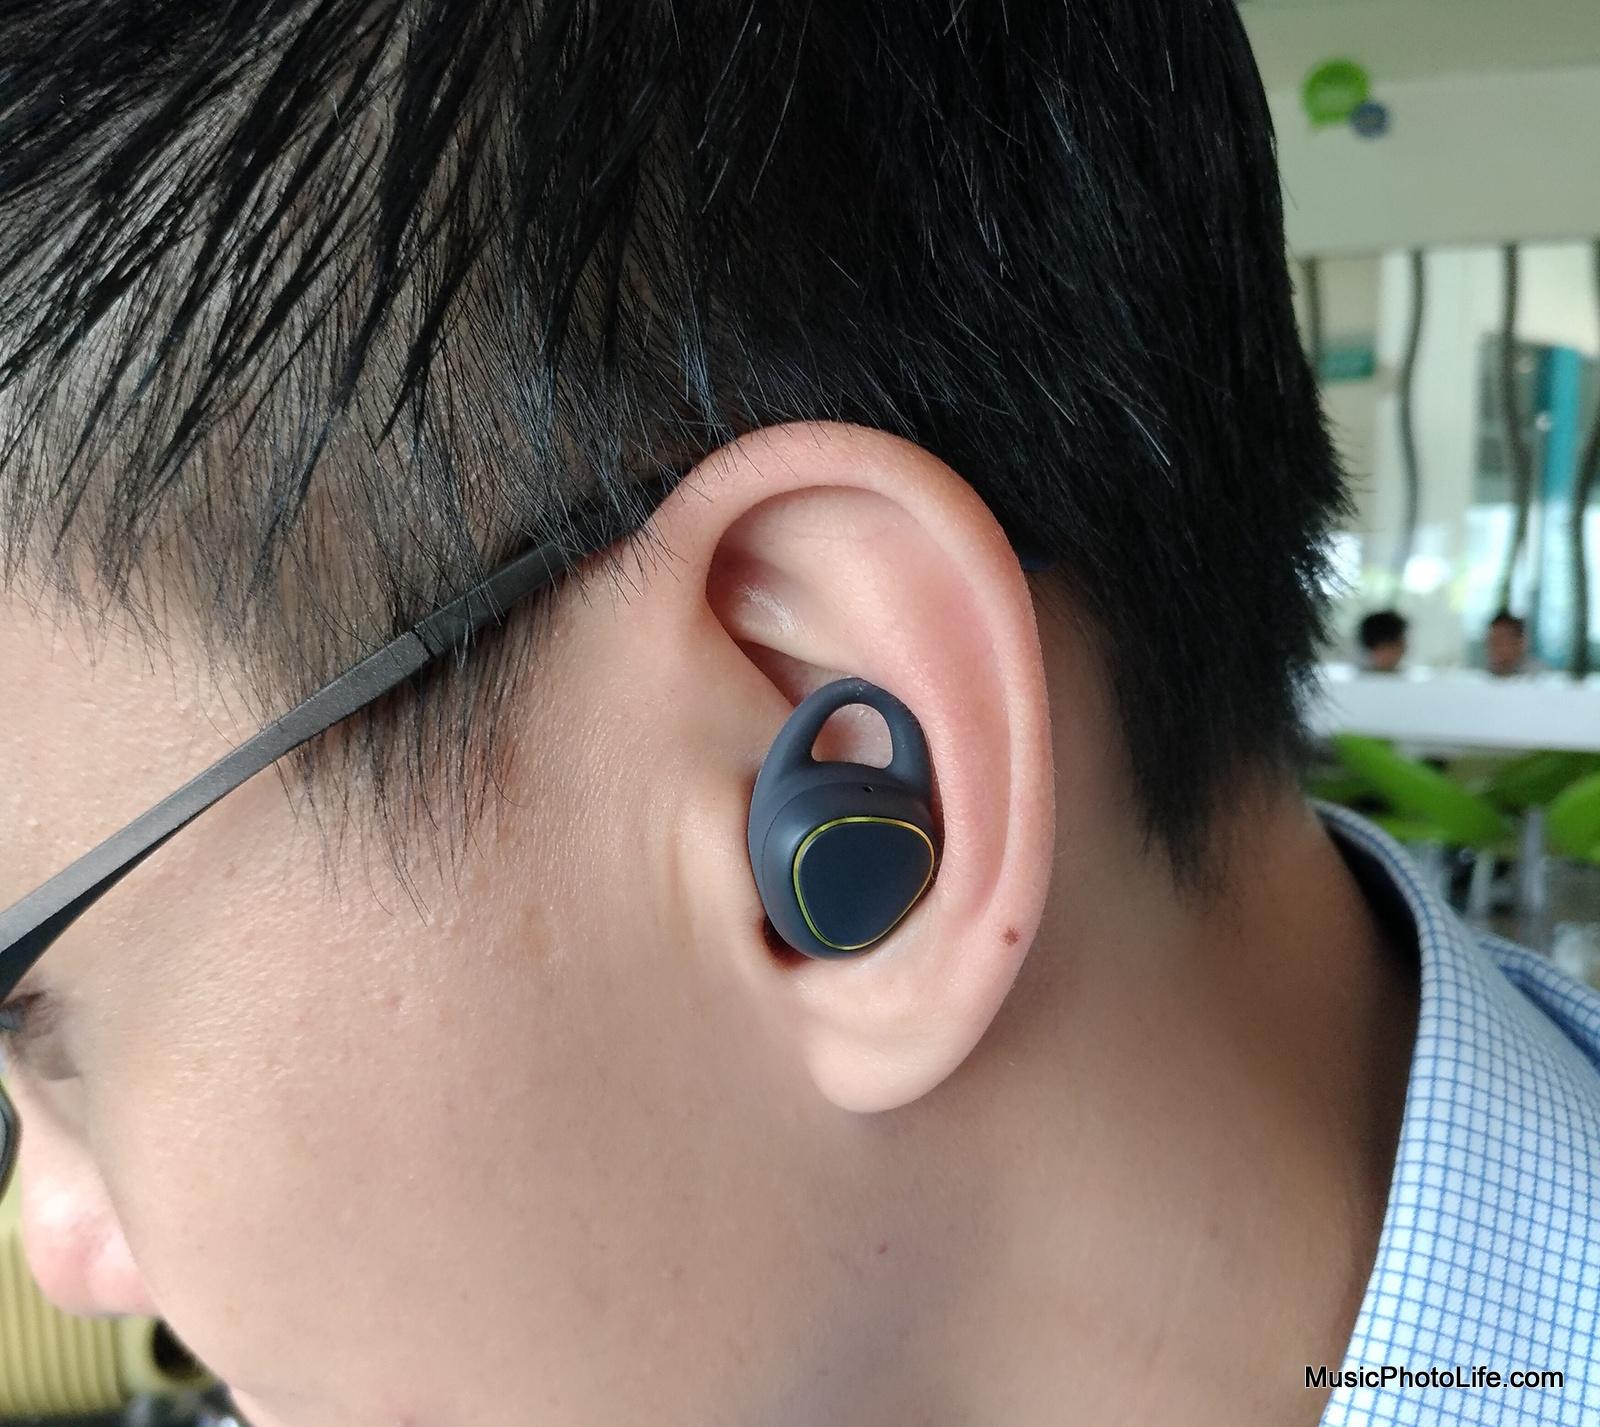 Samsung Gear IconX on ear